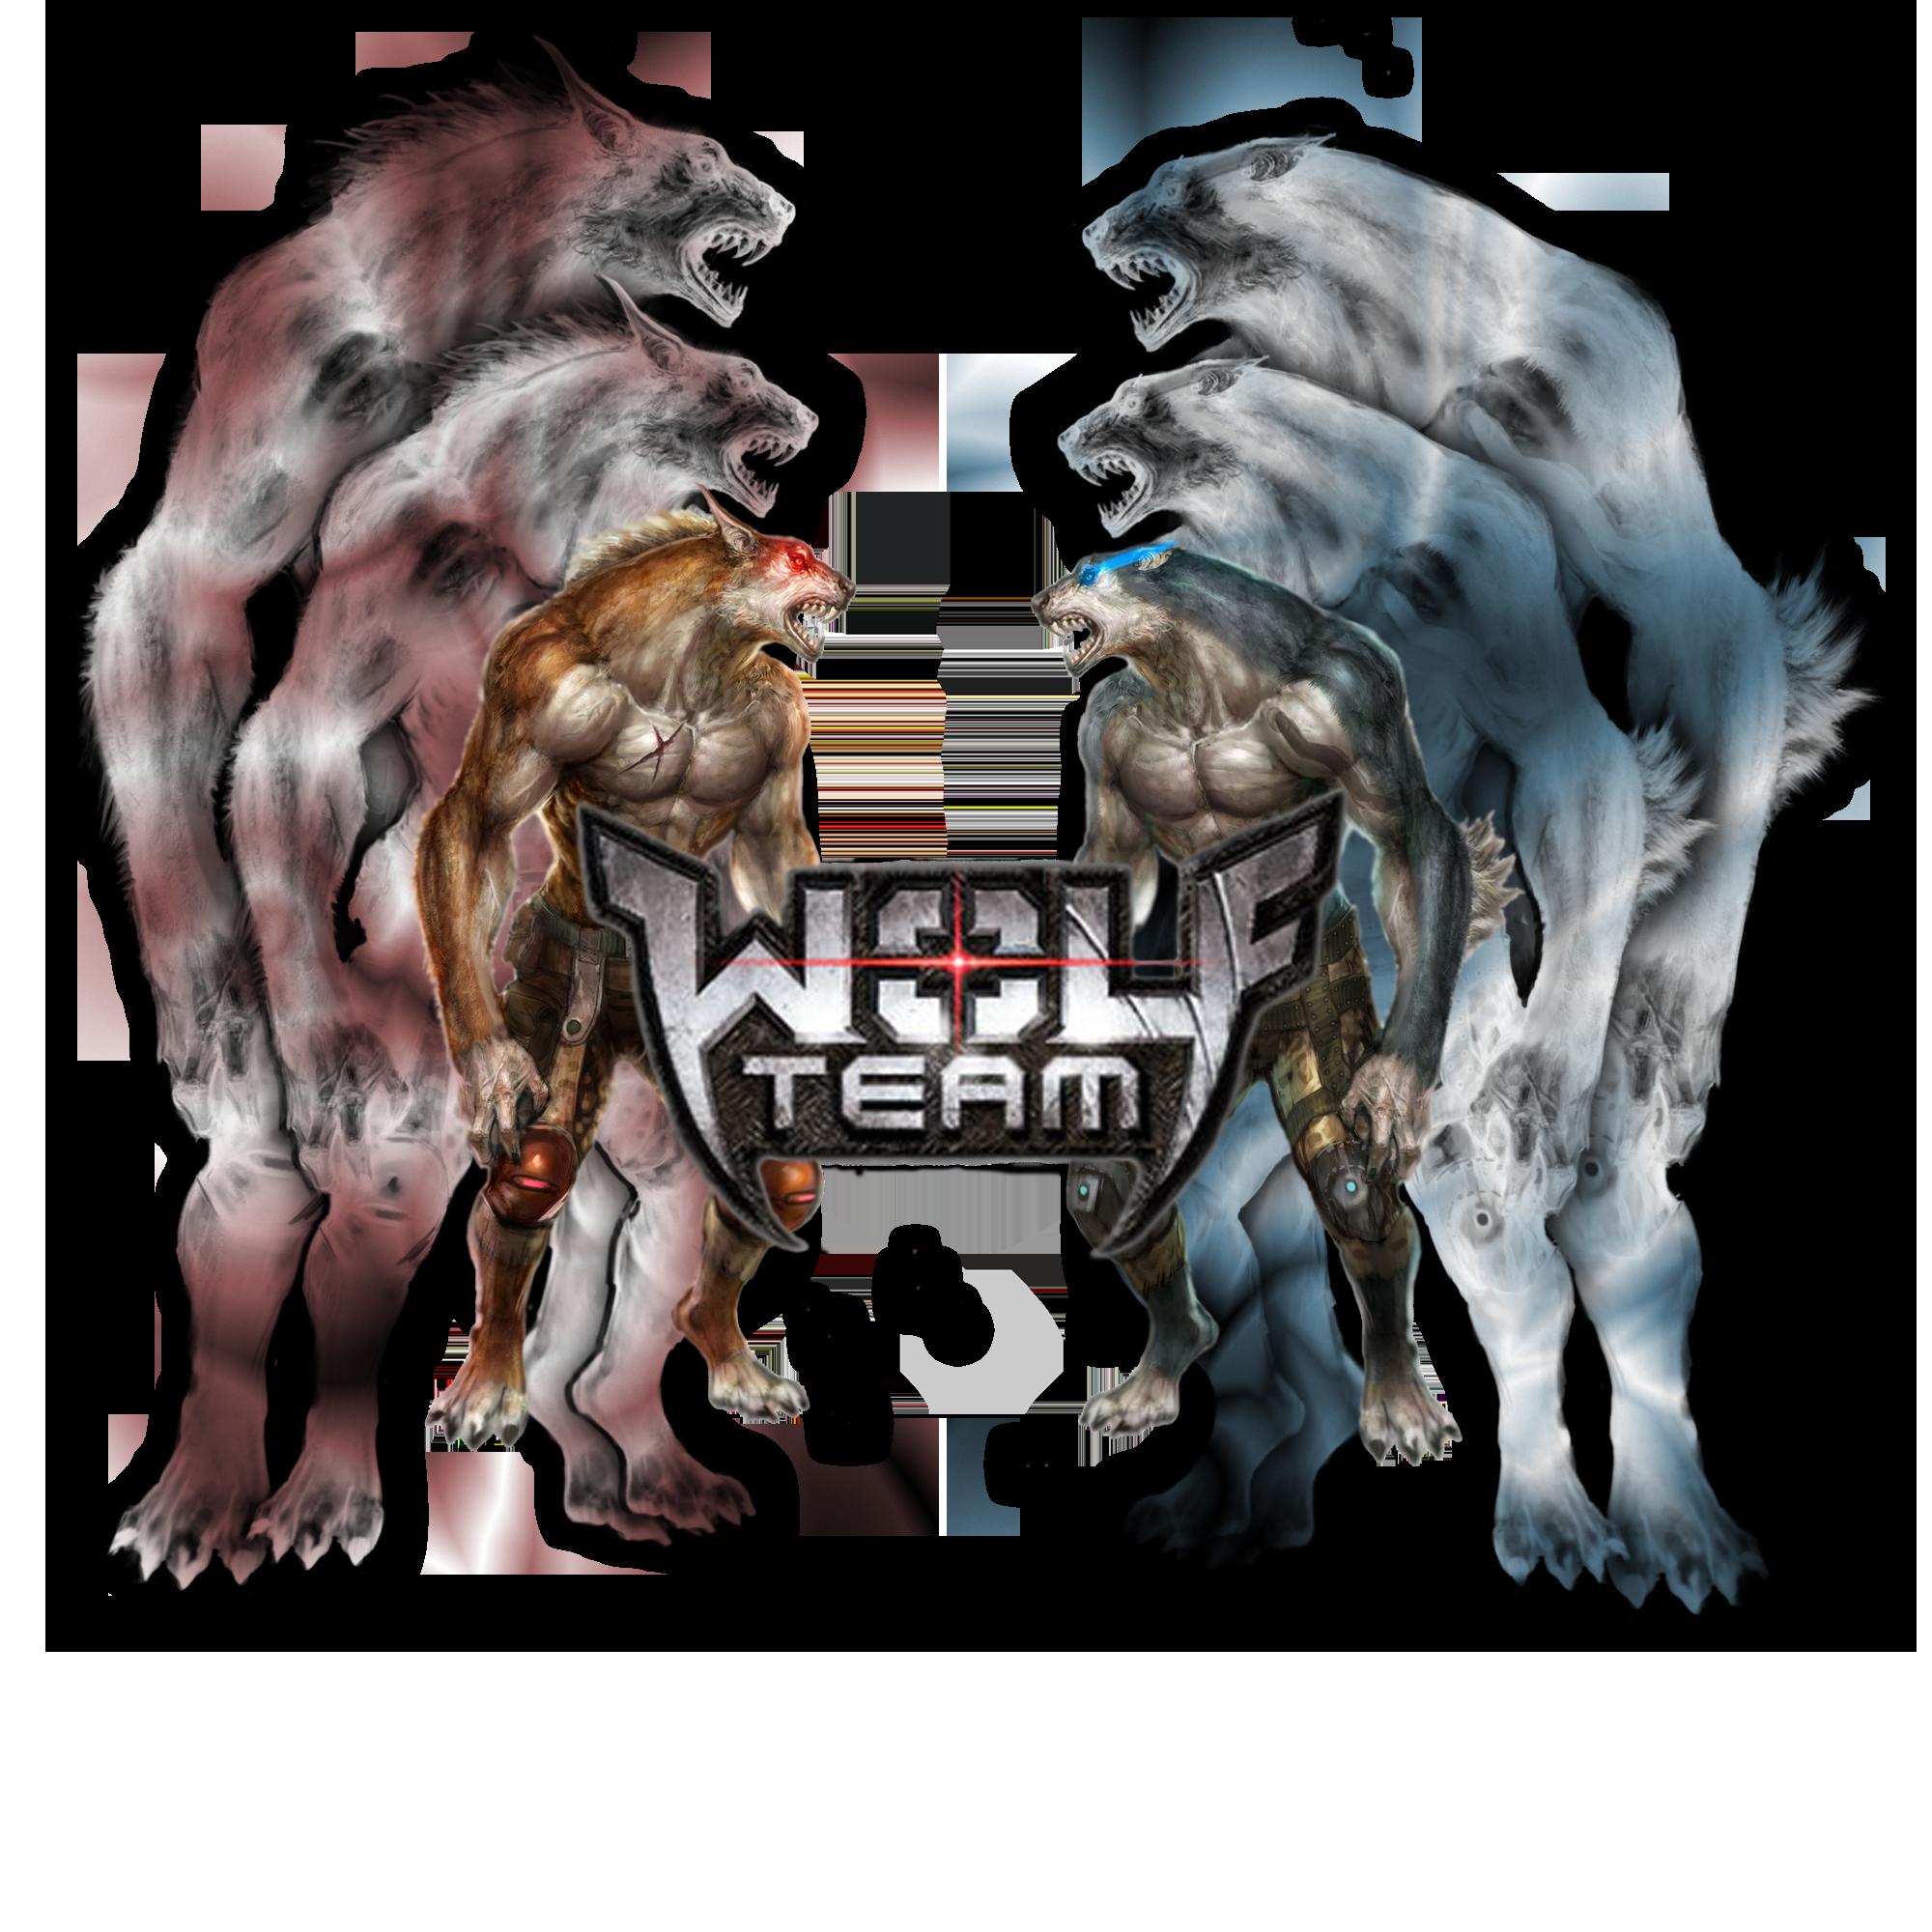 Algunos MIrrors De Descarga De WolfTeamLS y WolfTeam Inter ;D